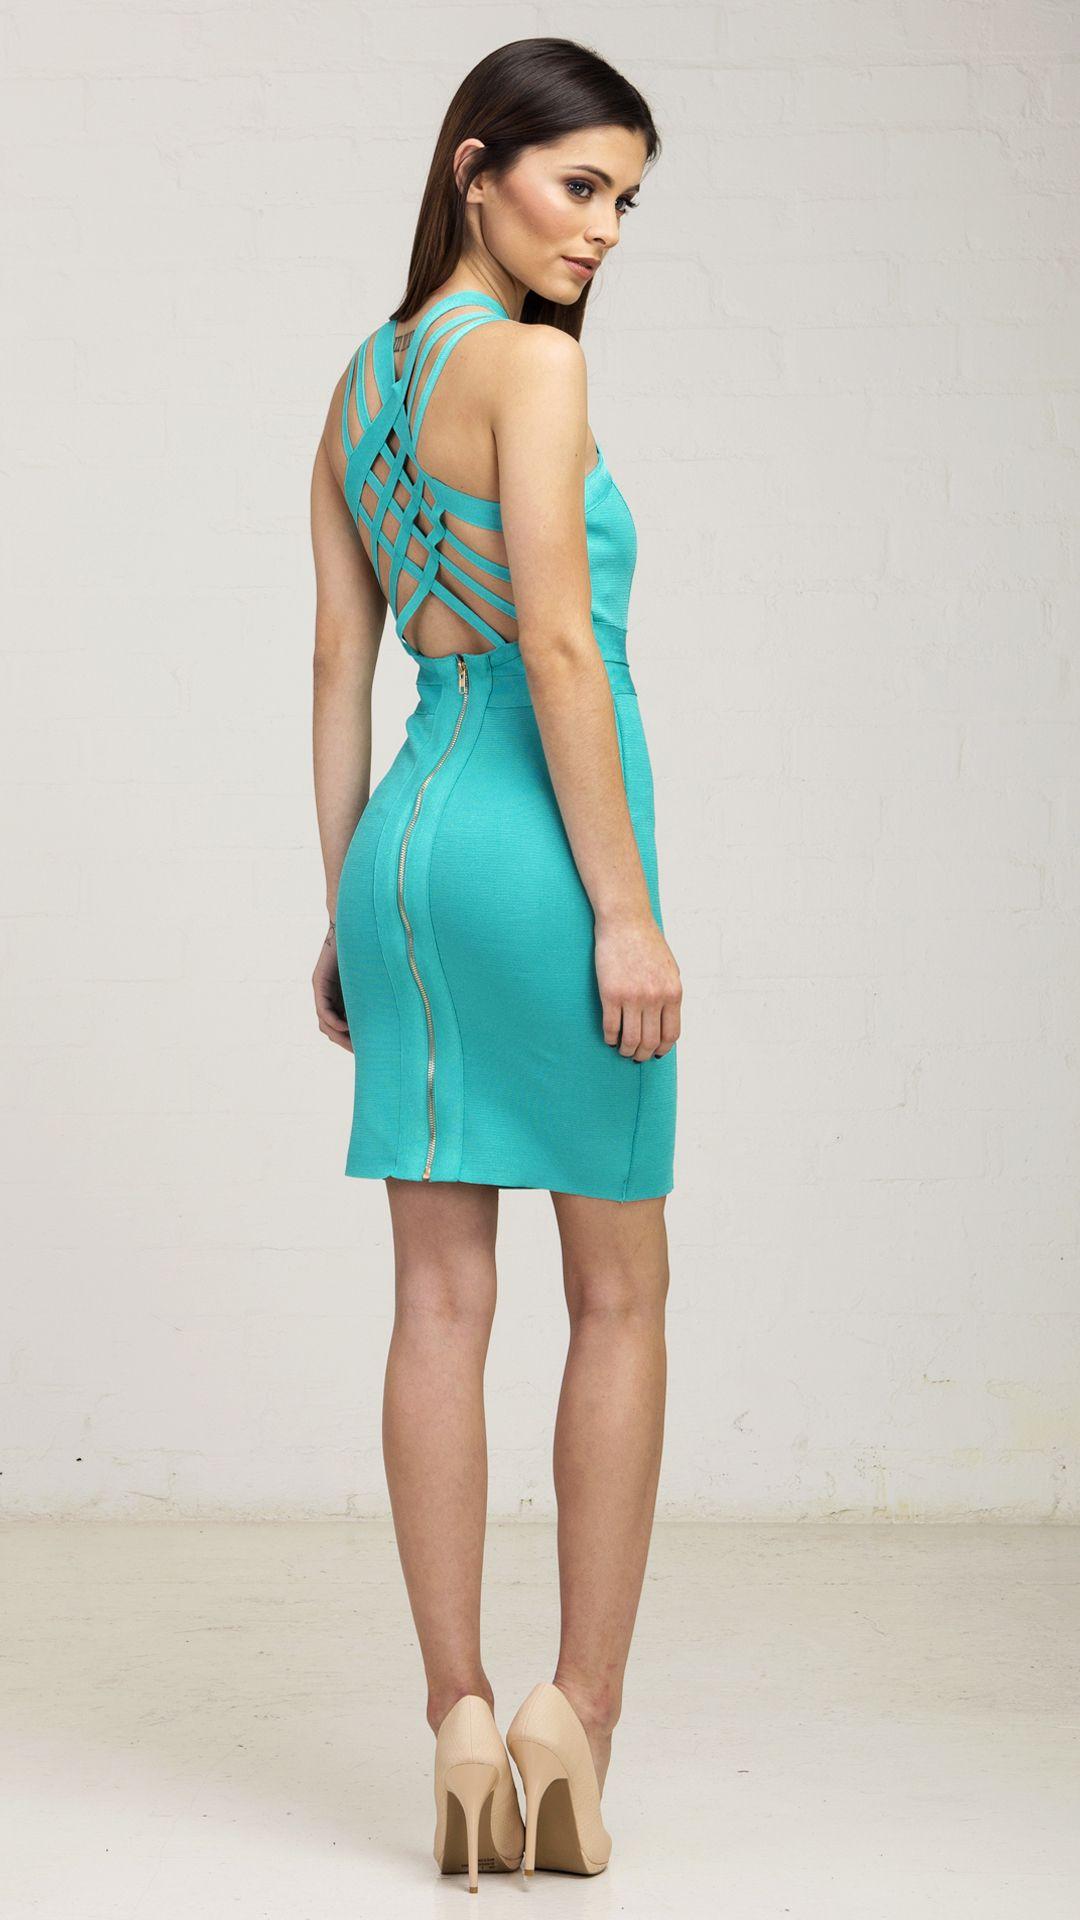 Weaved Back Bandage Teal Dress      formal shop      Pinterest ...